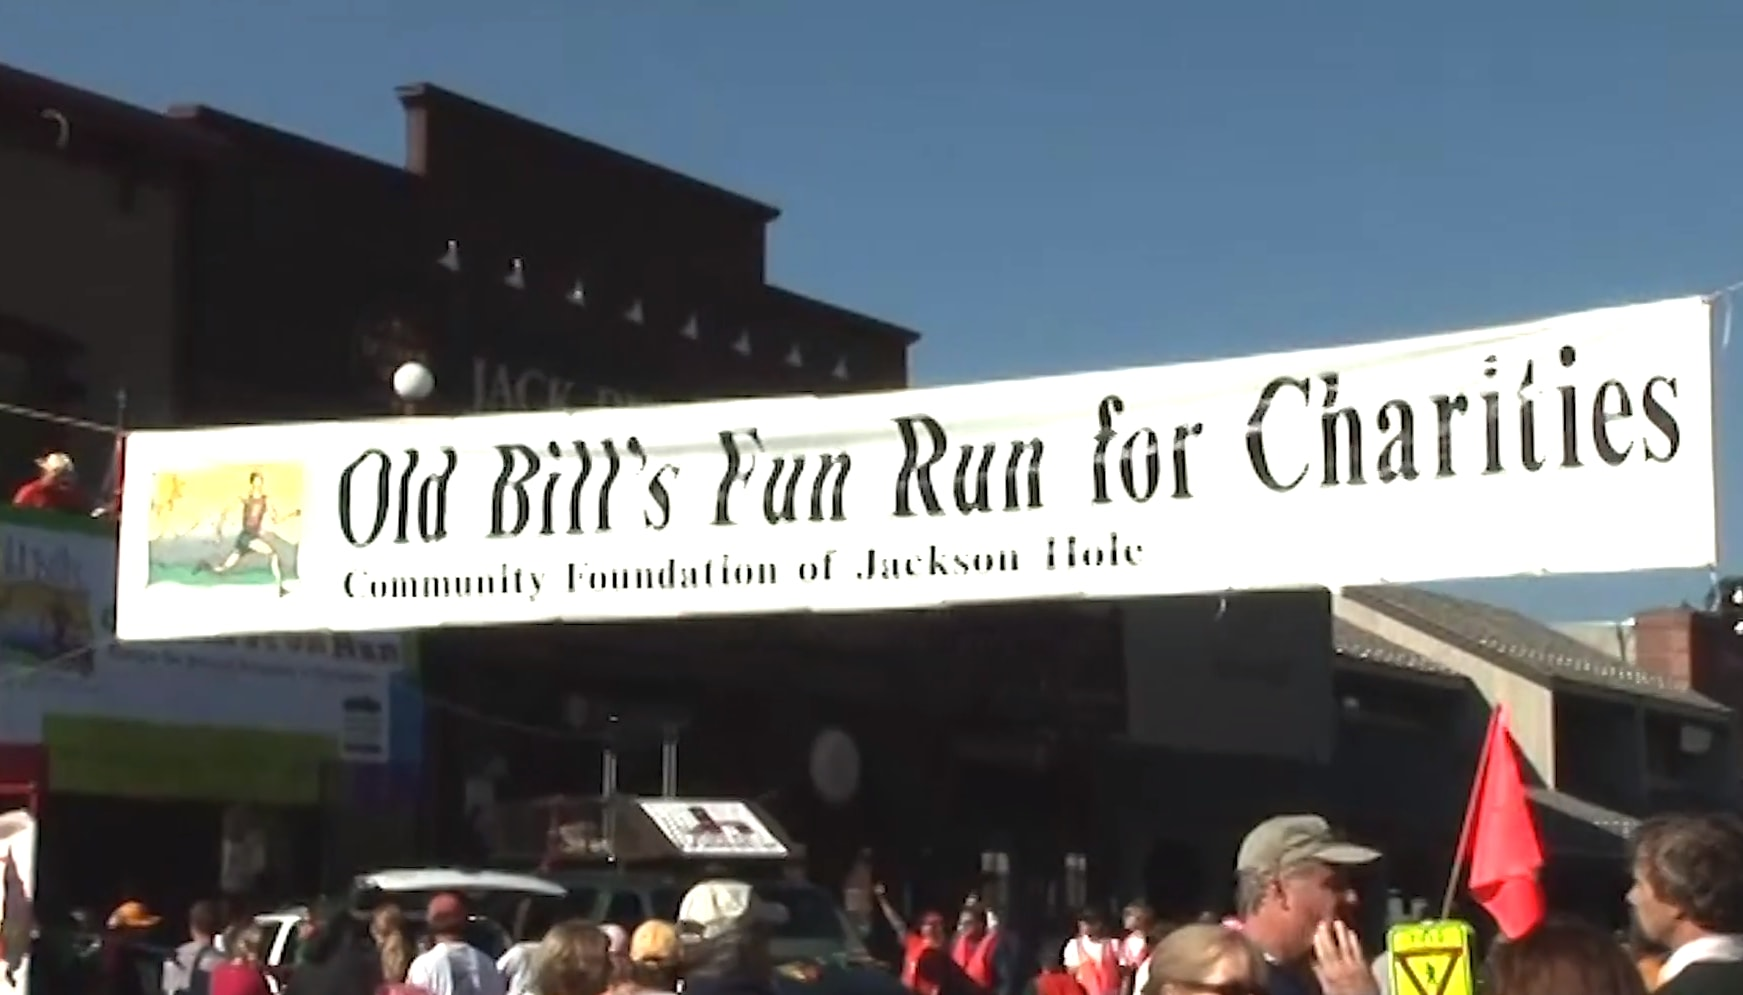 Celebrates Philanthropy in Jackson Hole: